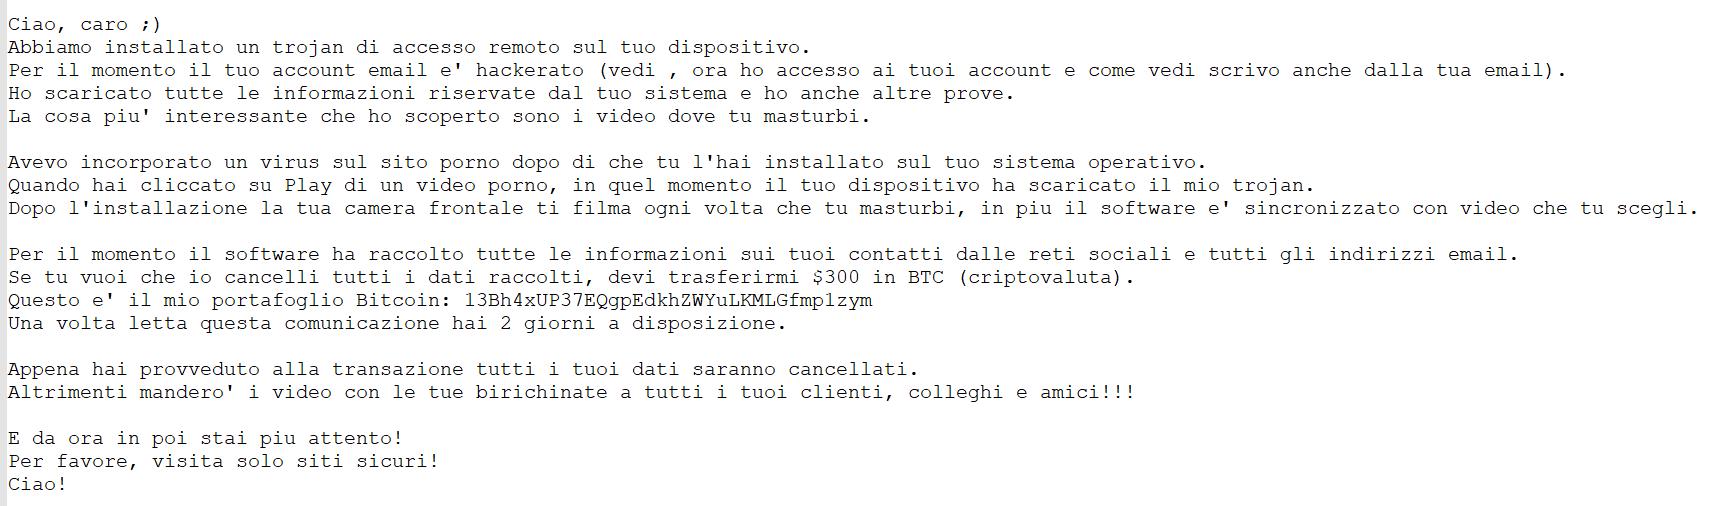 Mail spam hacker